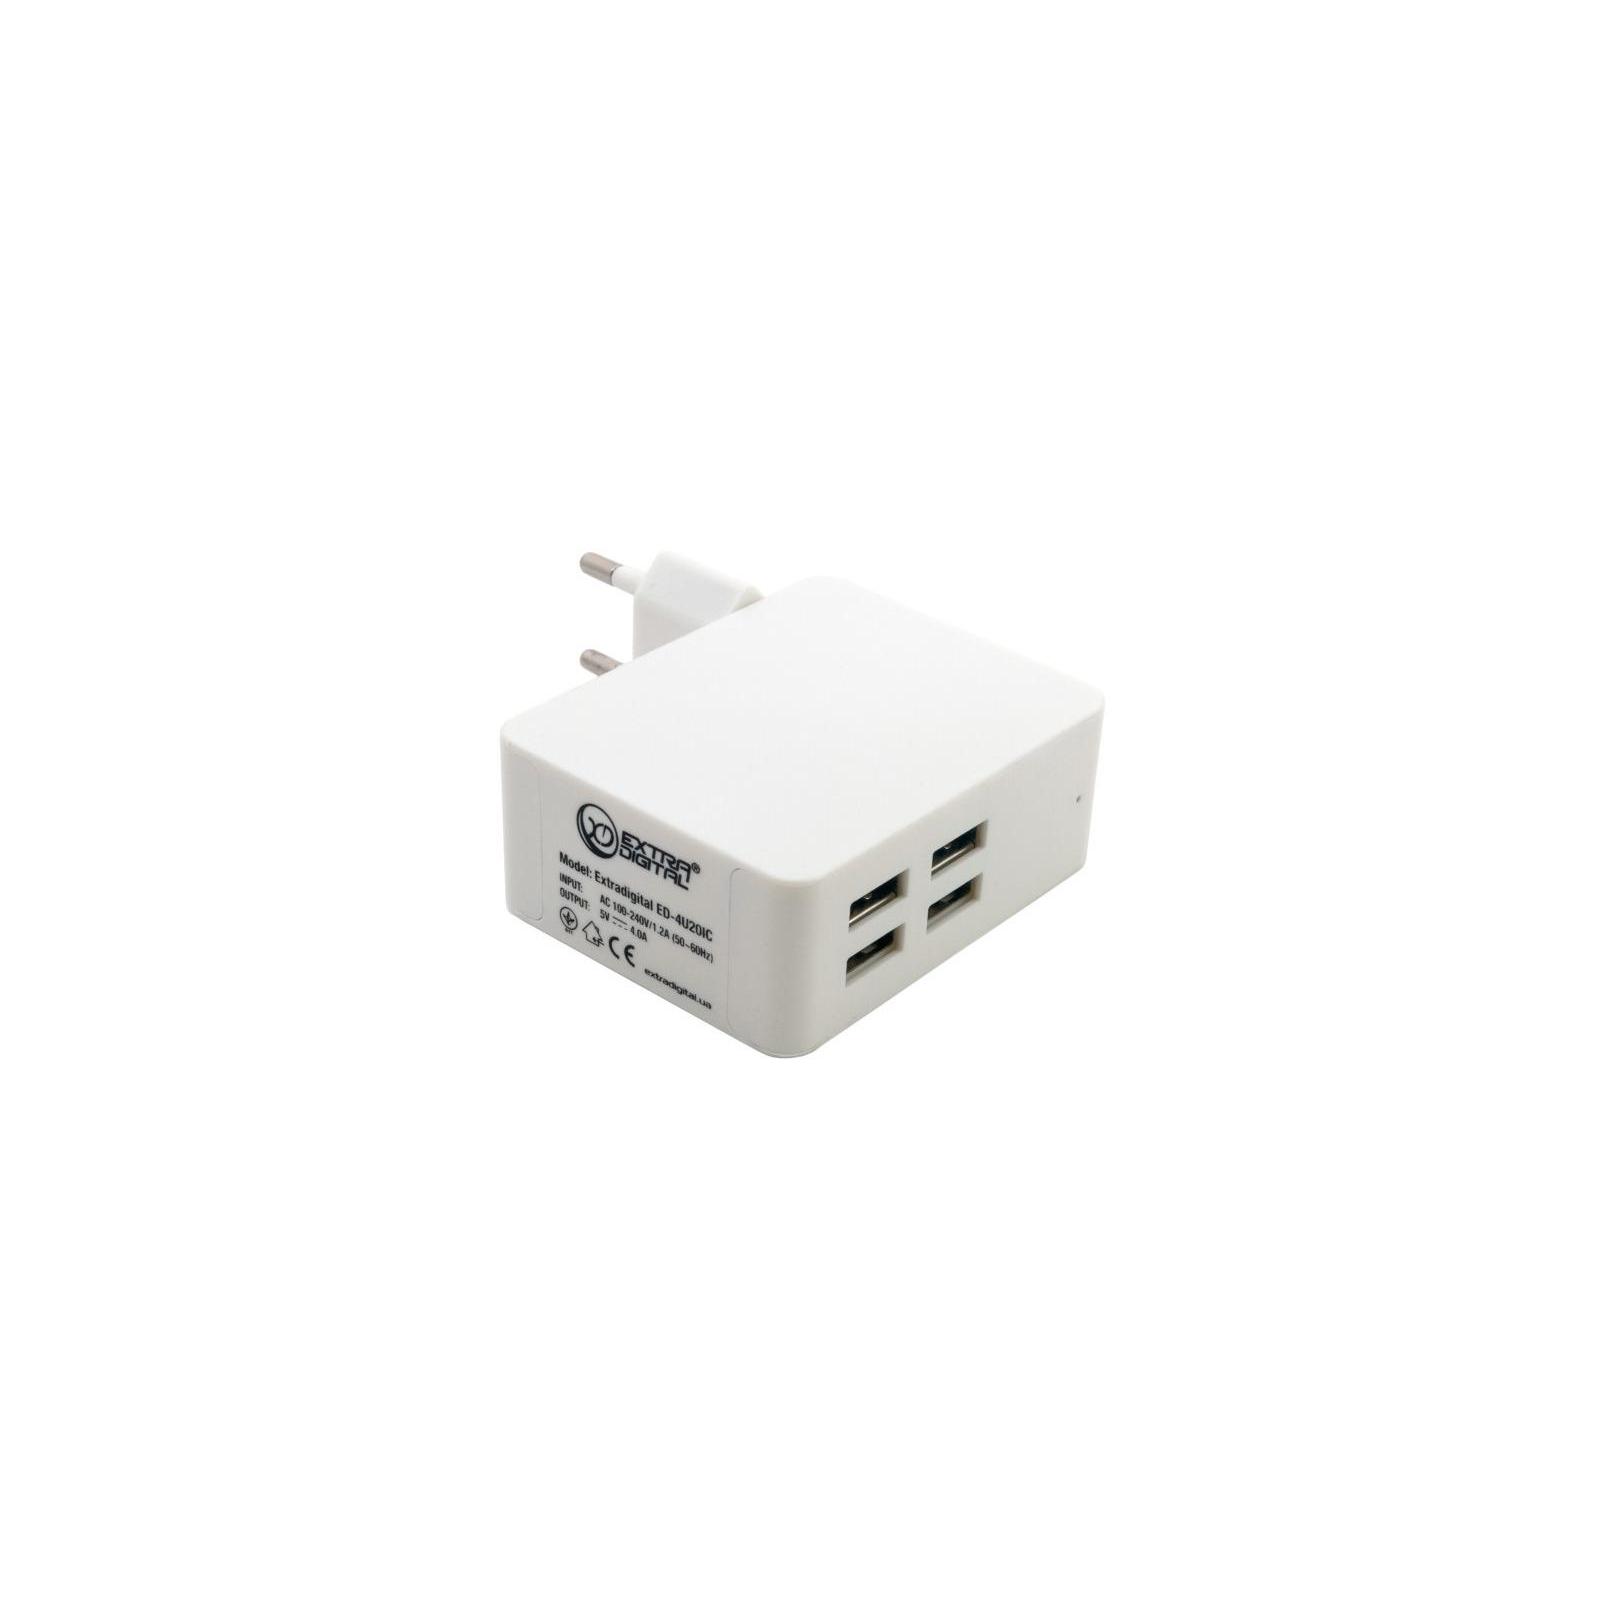 Зарядное устройство Extradigital IQ Charger ED-4U20IC 4*USB, 4A (CUE1527) изображение 7